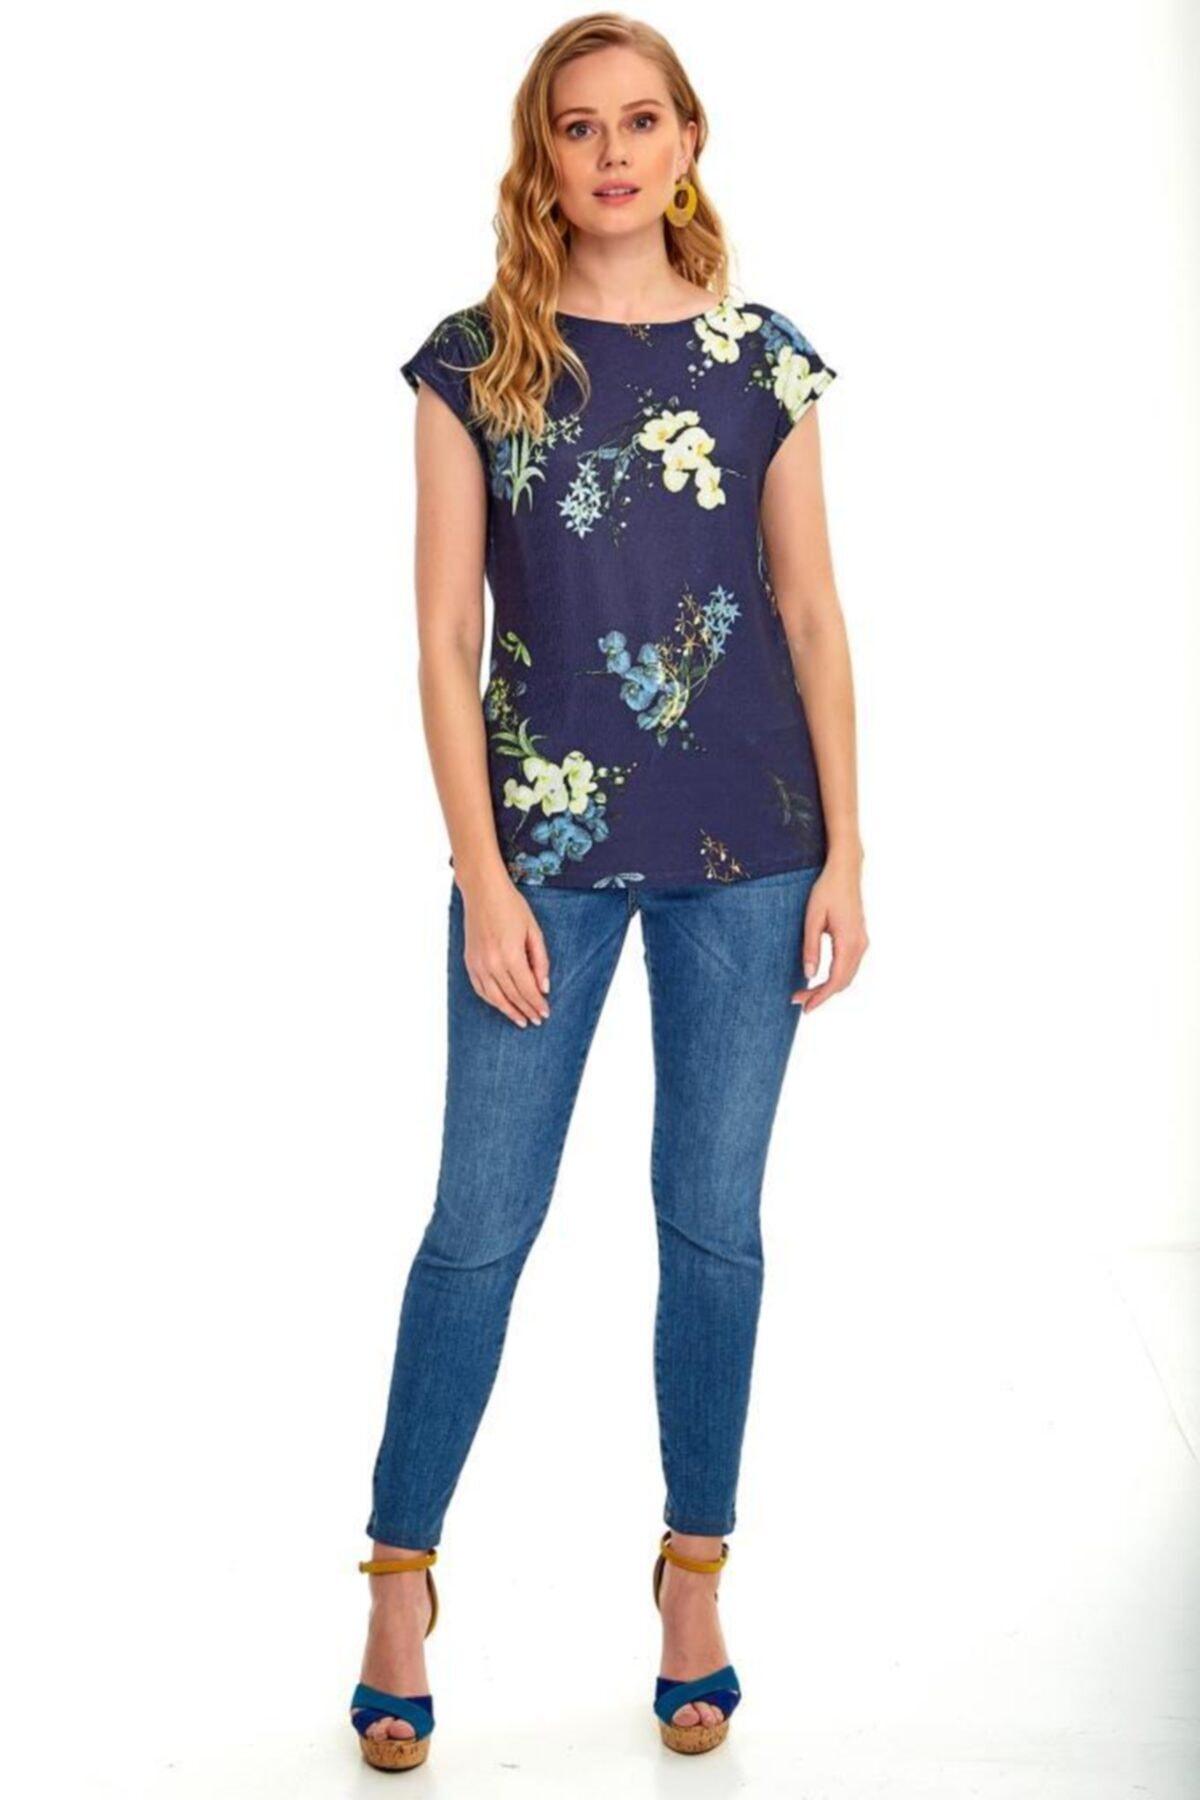 İKİLER Kadın Lacivert Düşük Kol Desenli Bluz 020-1010 2